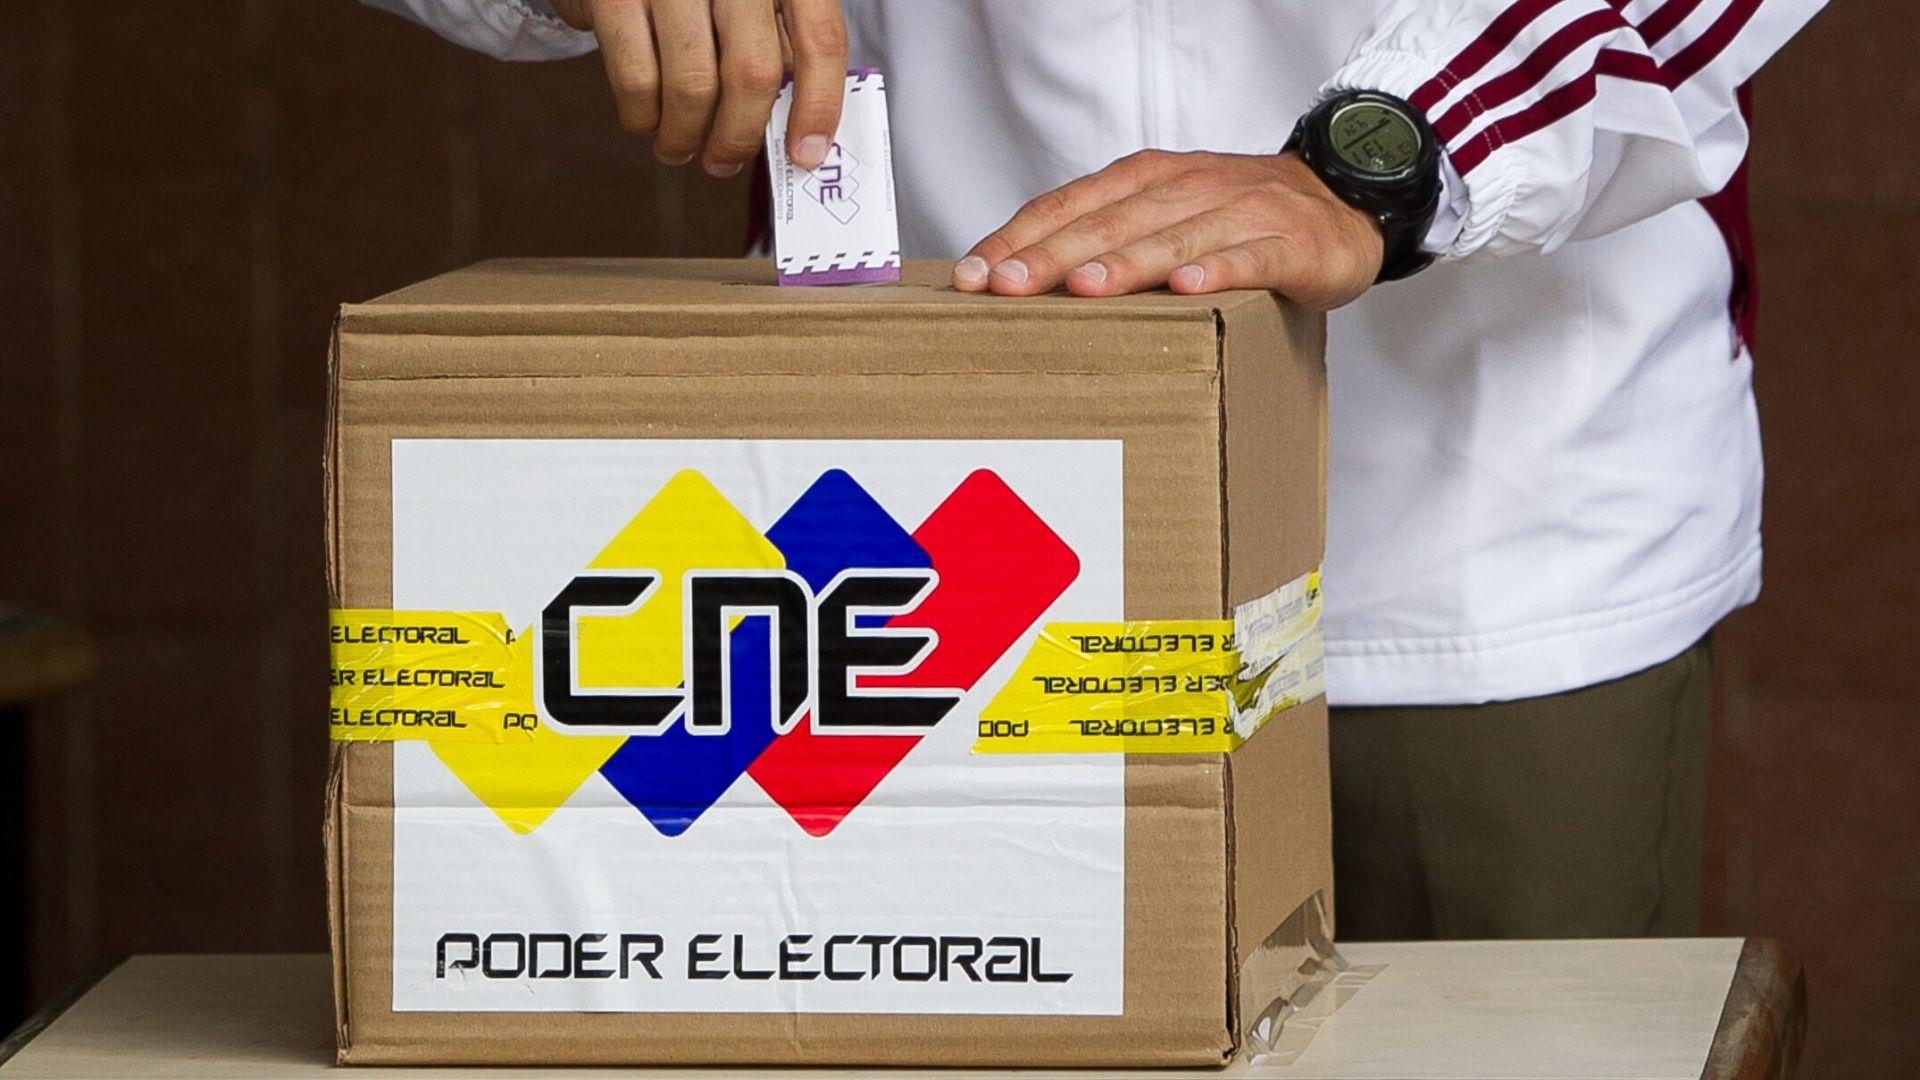 Politólogo denuncia eliminación de garantías para el voto